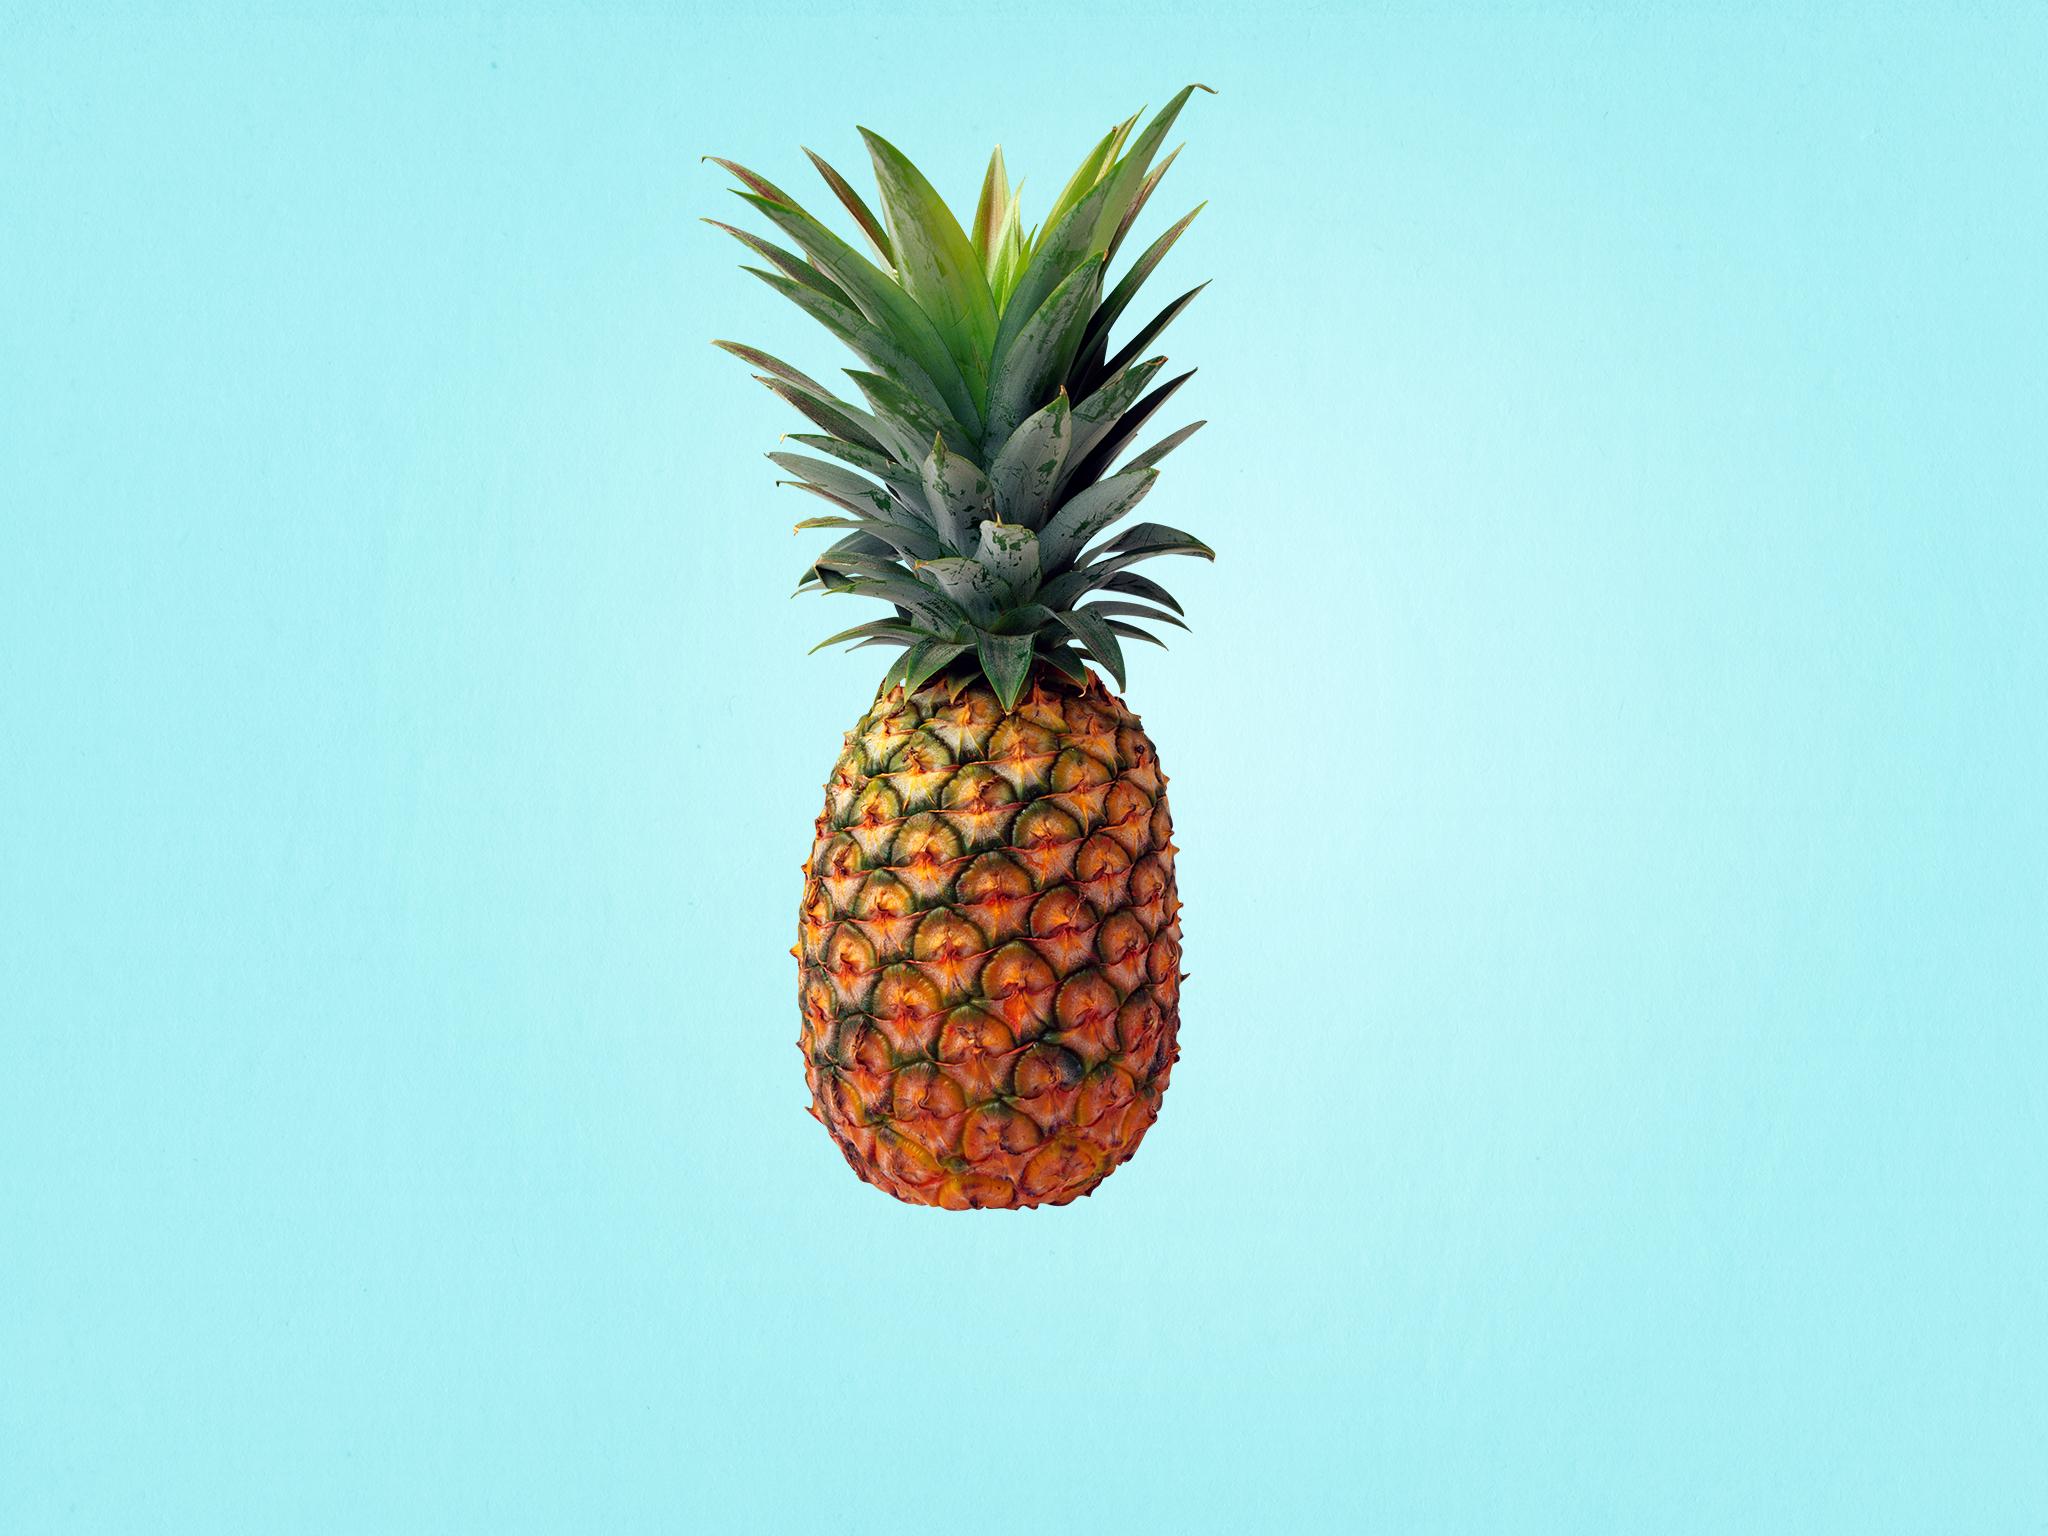 Paredes_Proyecto_Final_Frutas_04-Piña.jpg